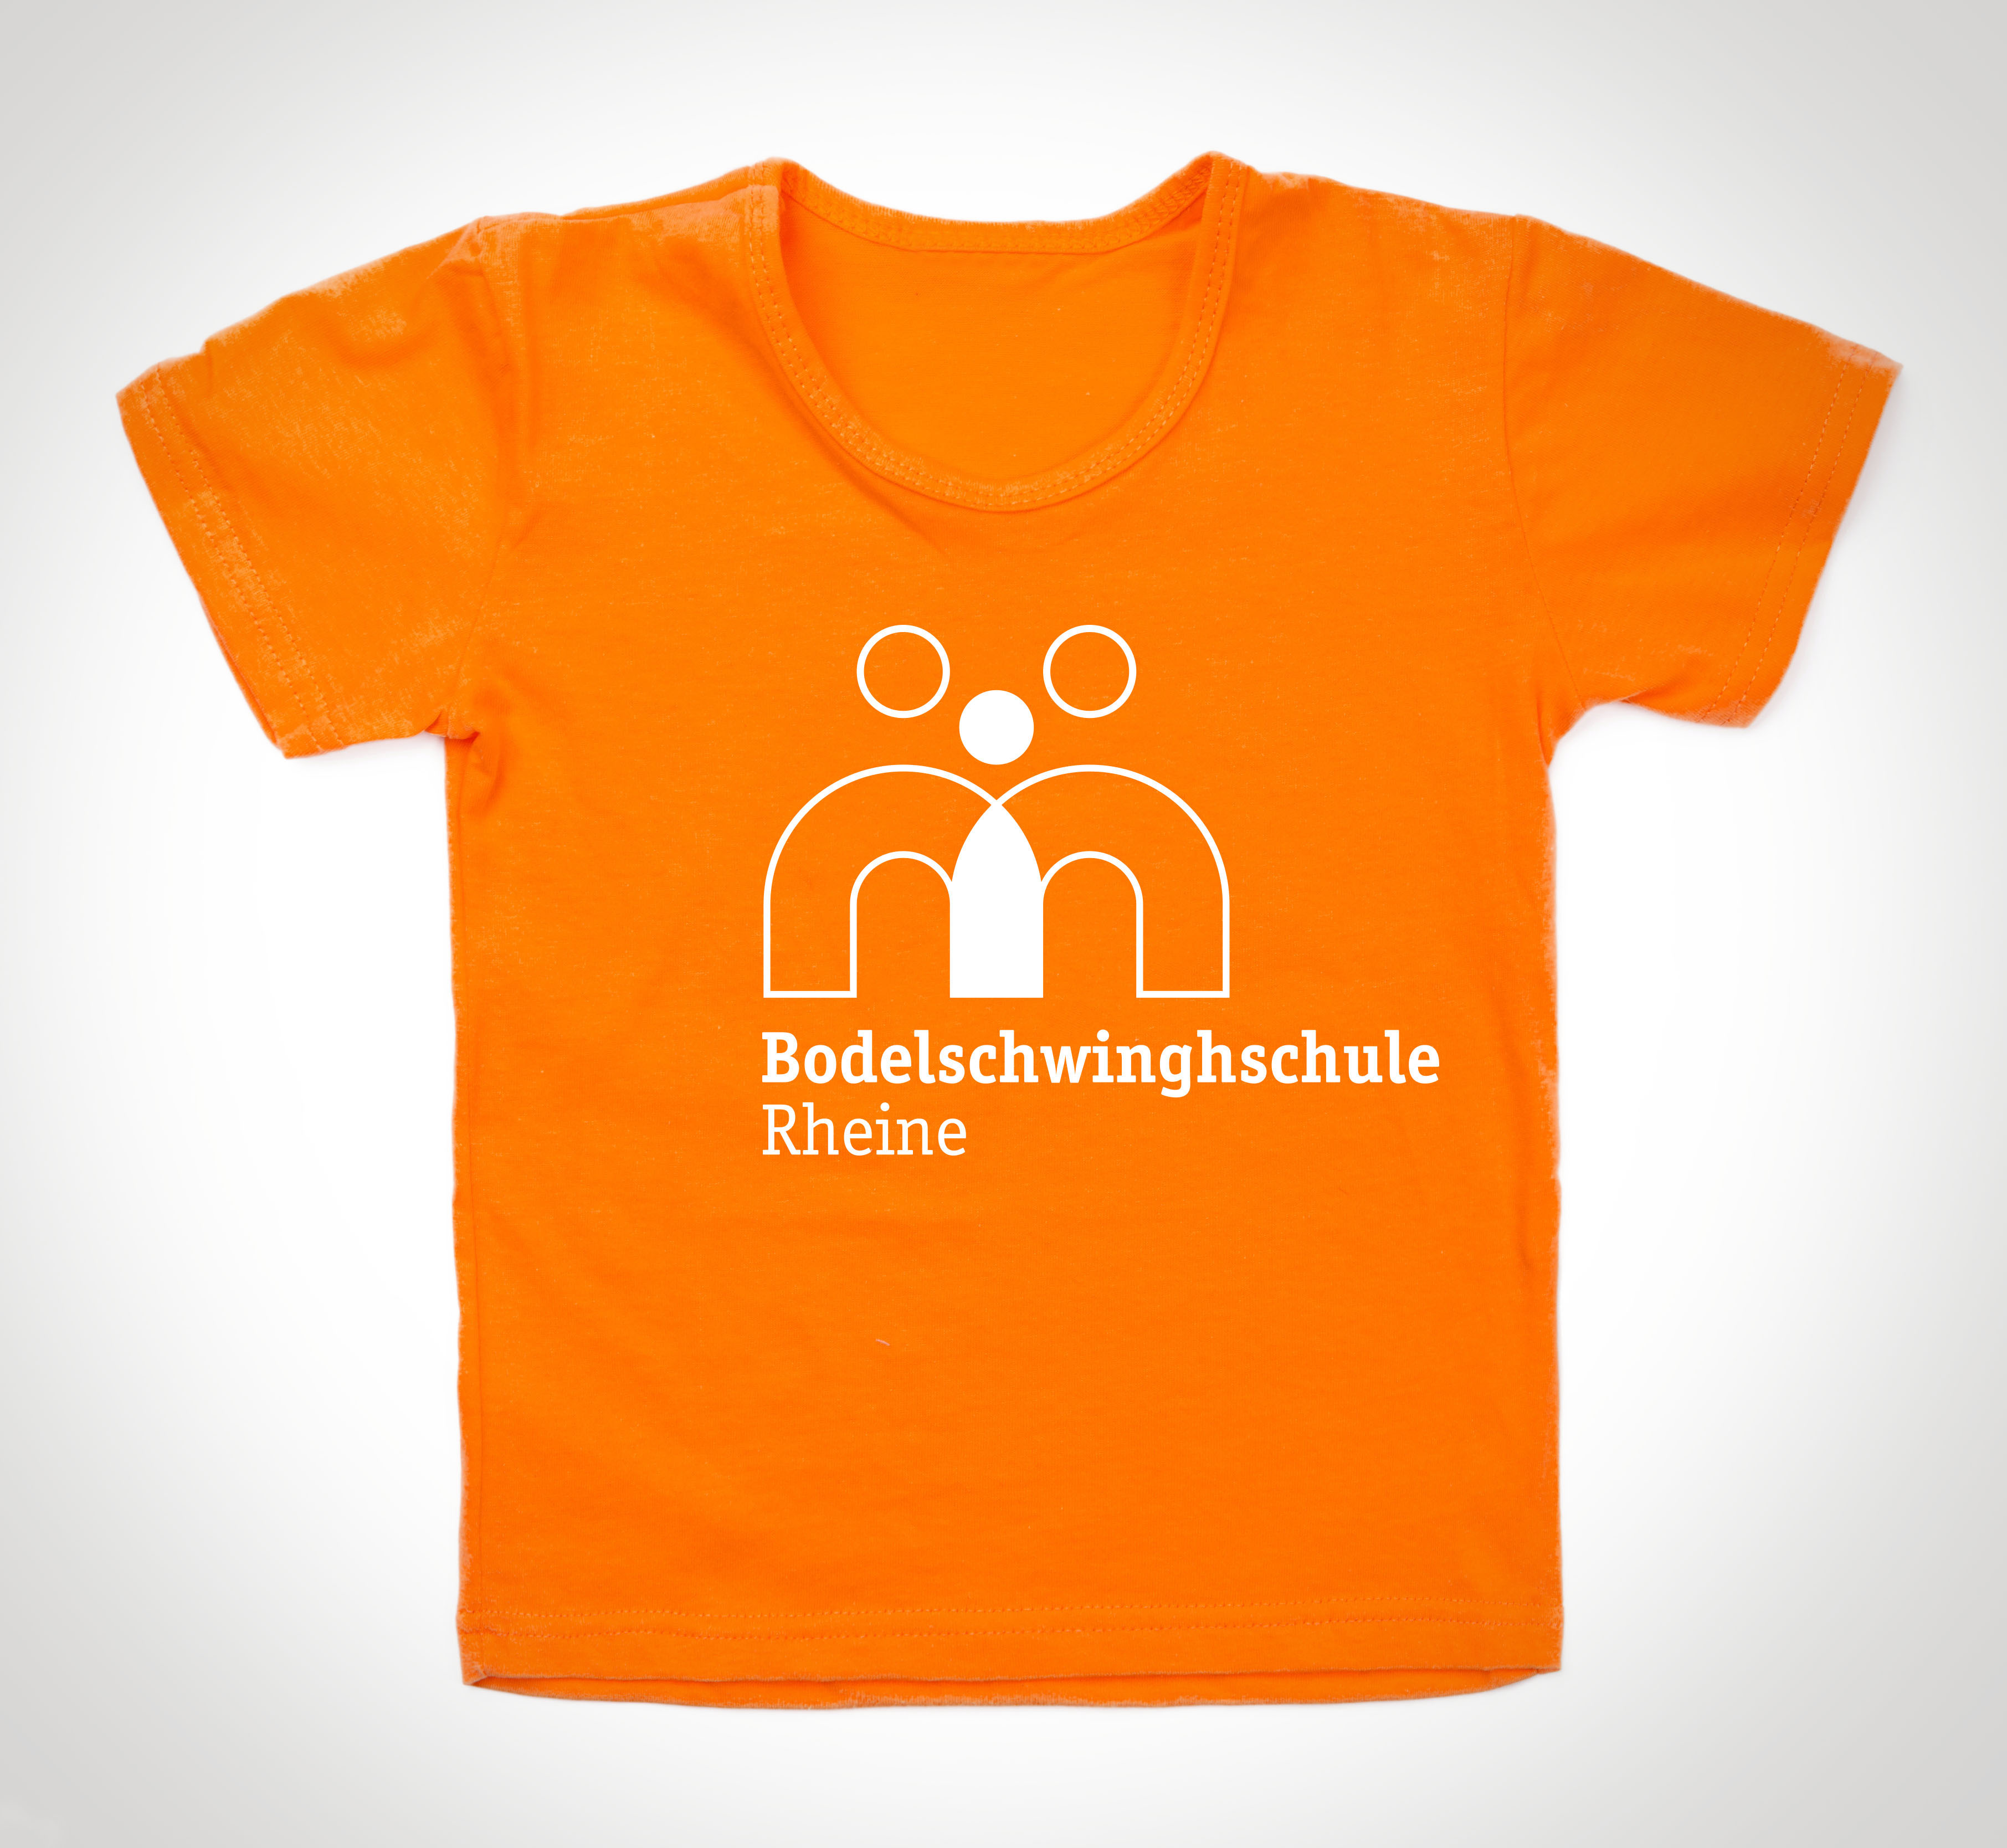 Das neue Logo der Bodelschwinghschule auf einem orangen T-Shirt